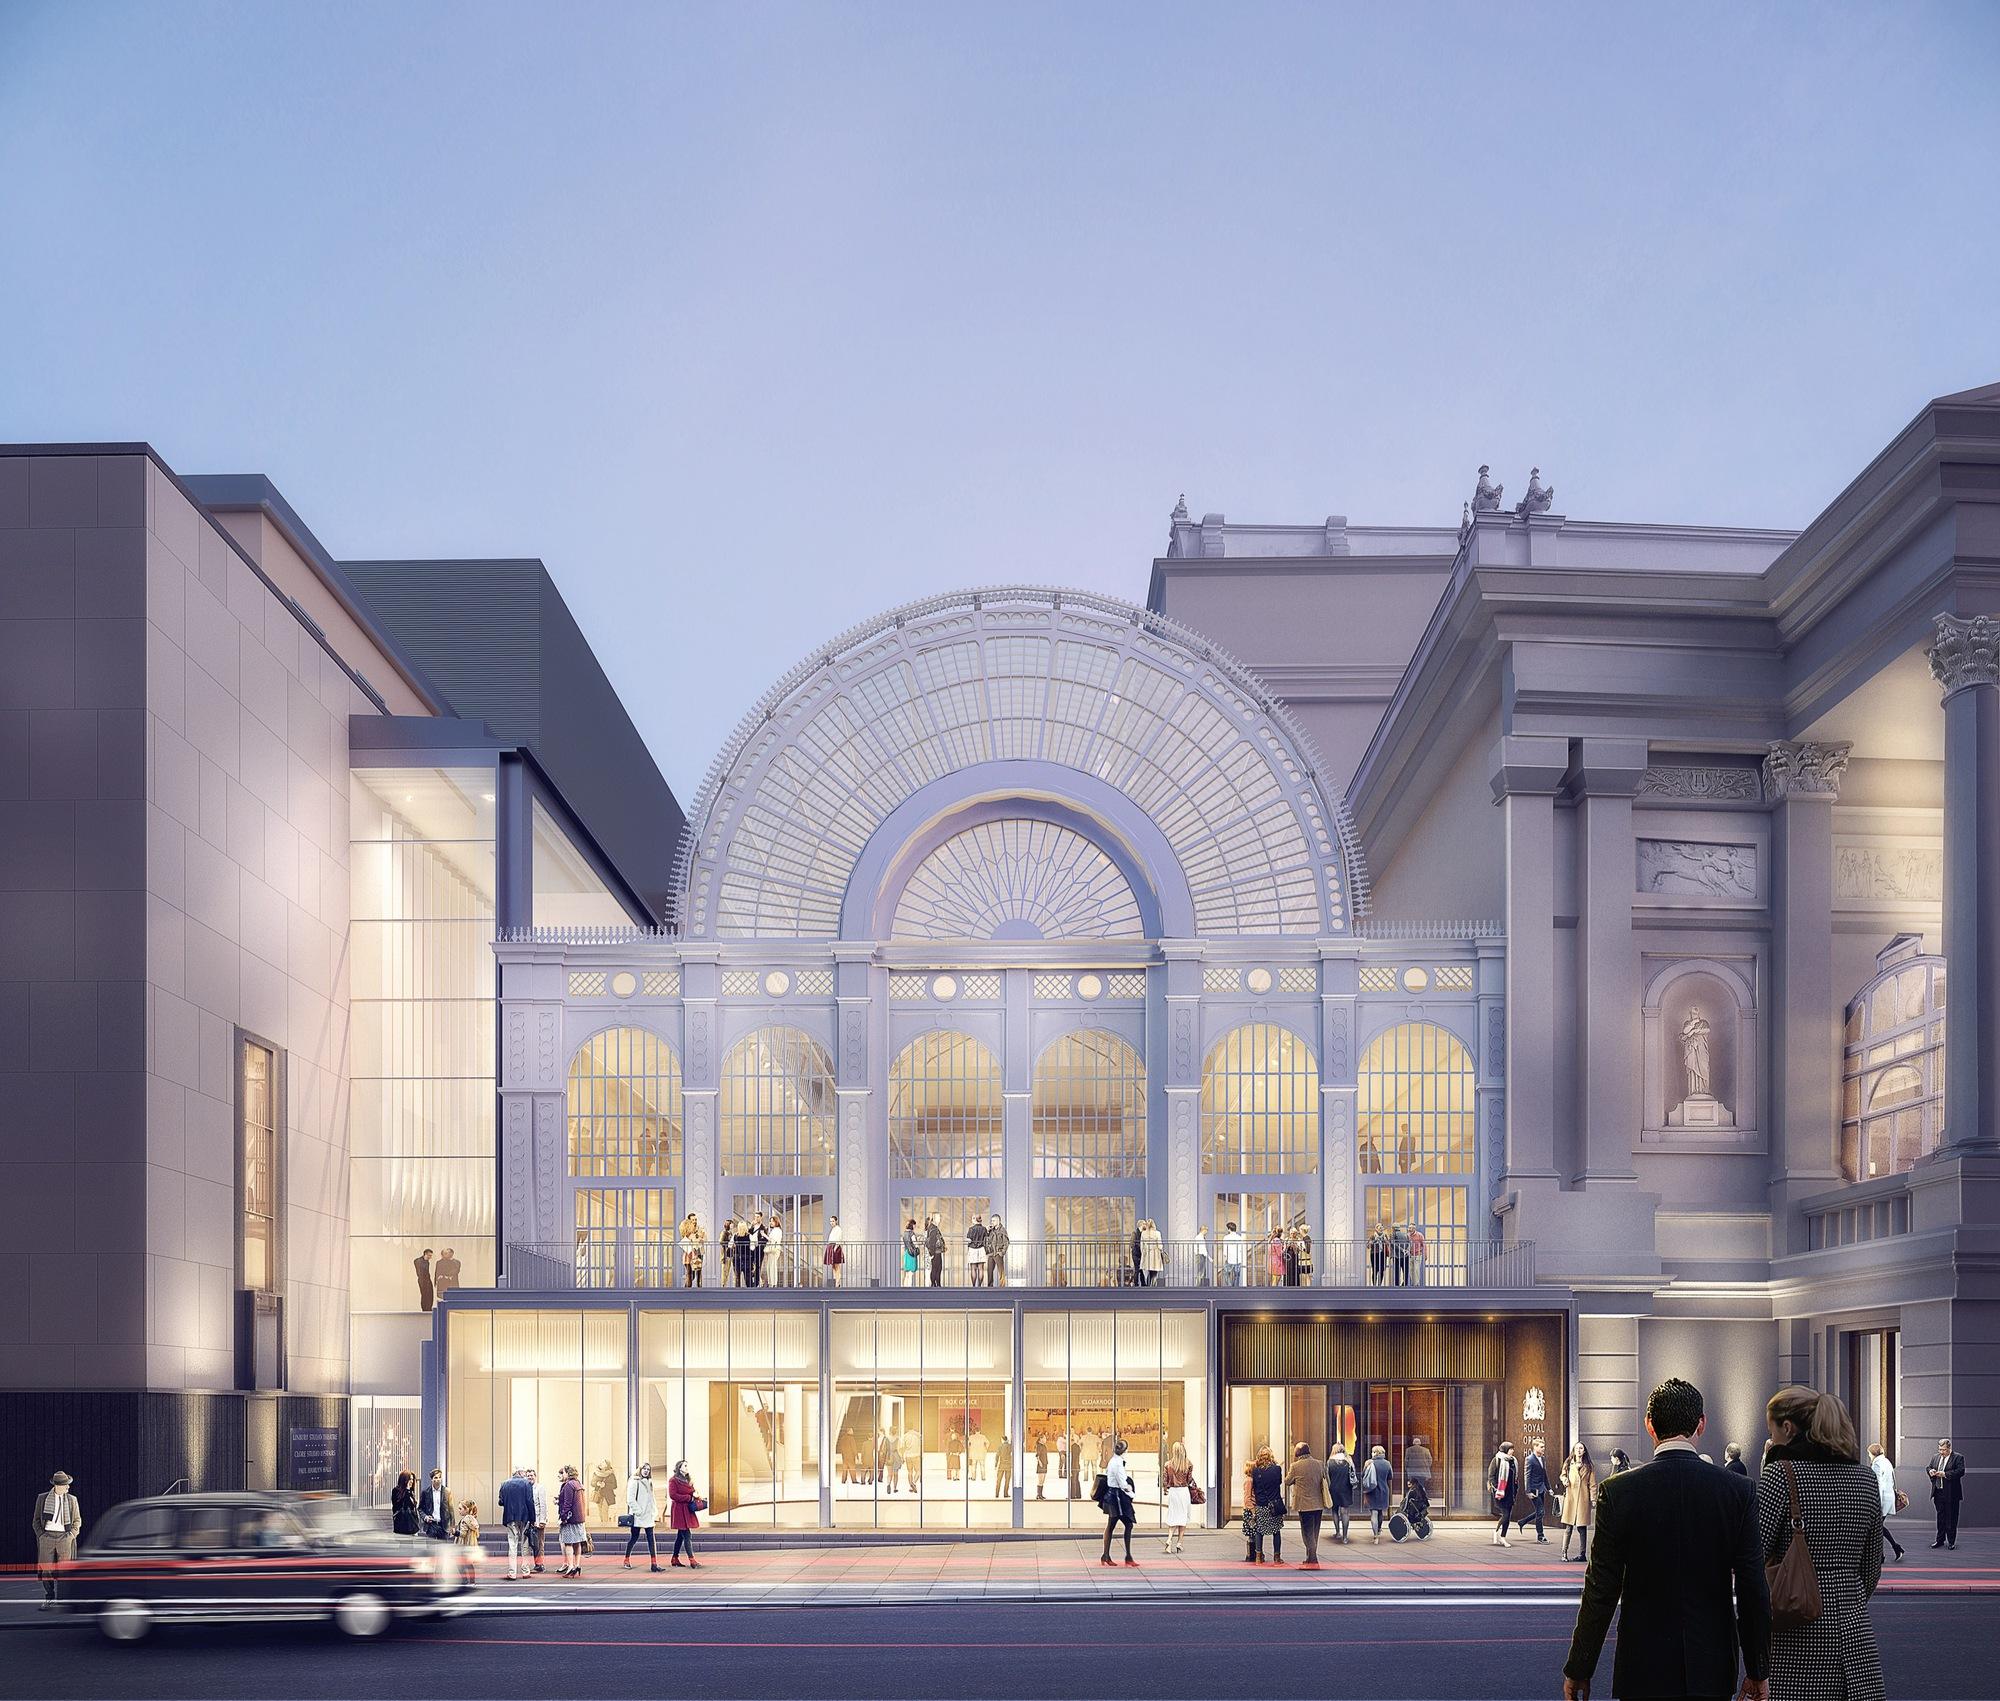 Stanton Williams revela novas imagens da renovação da Ópera de Londres